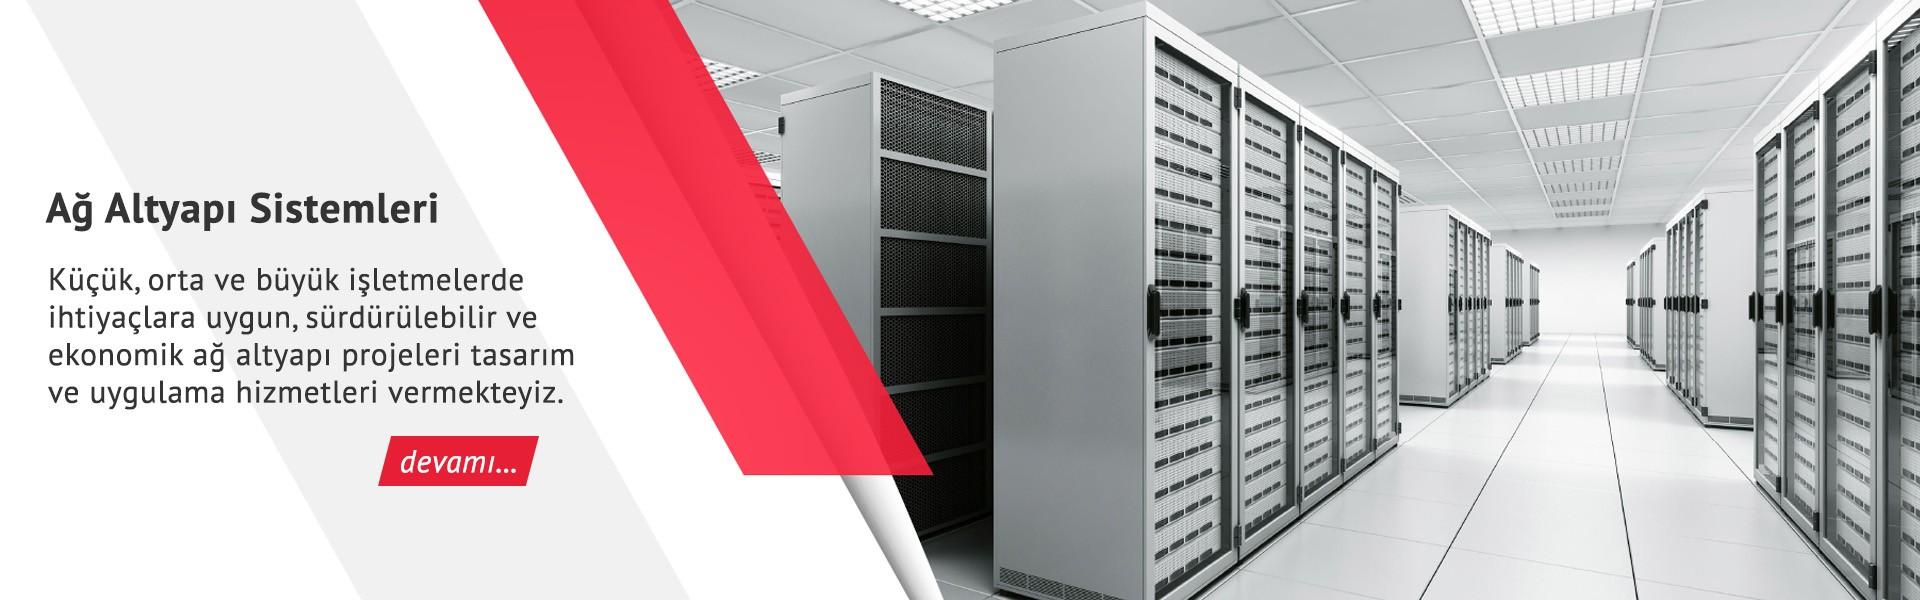 ağ altyapı sistemleri